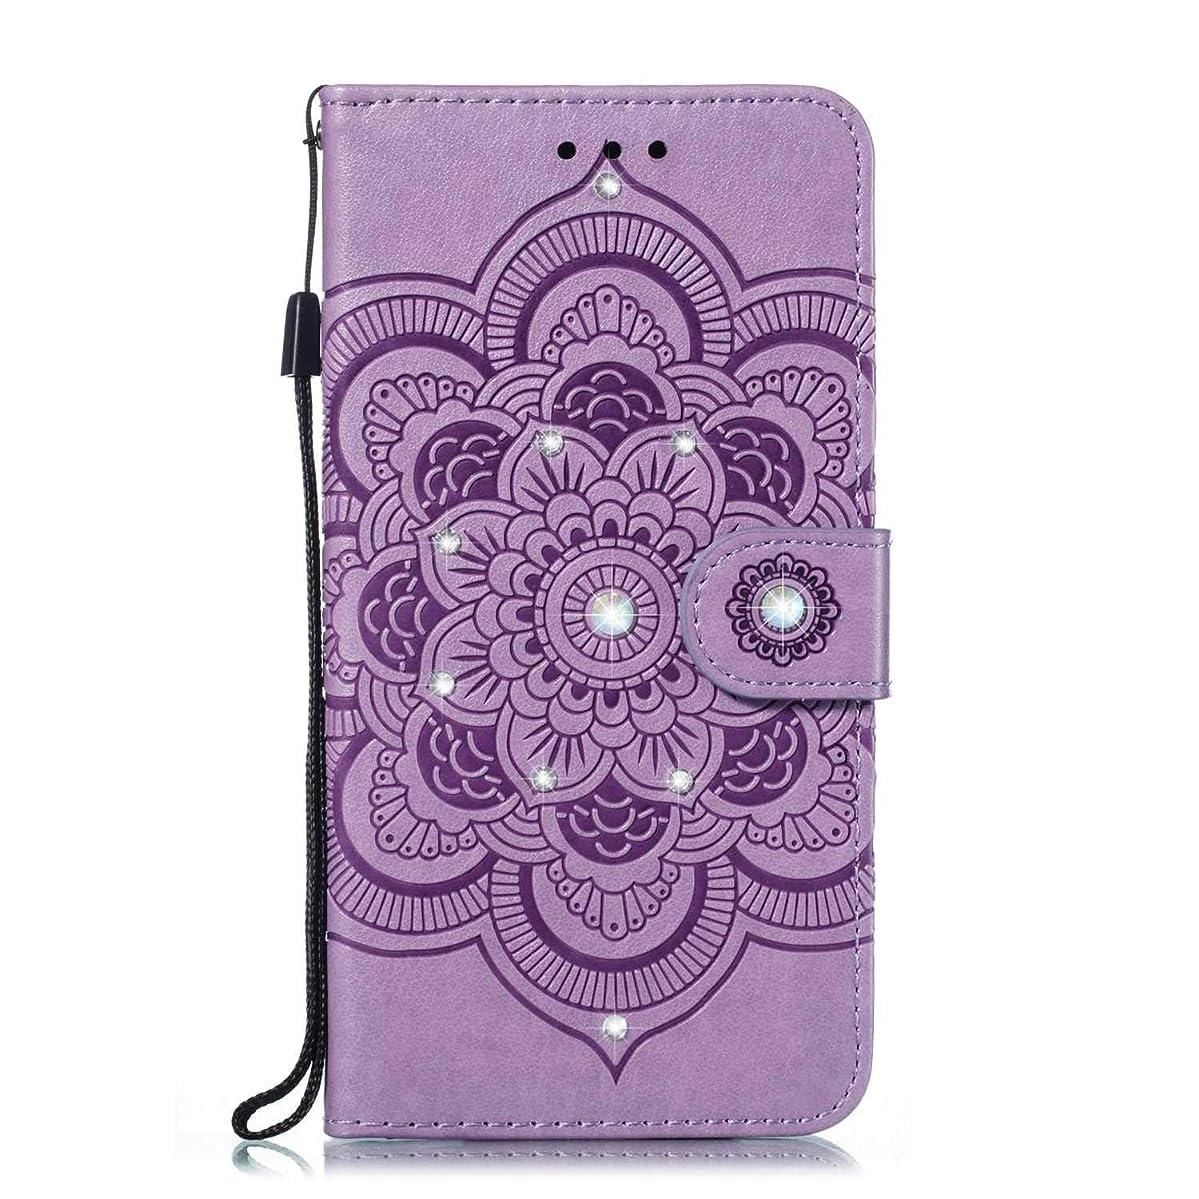 落胆する落ち着いた終わったOMATENTI Galaxy M30 ケース 手帳型 かわいい レディース用 合皮PUレザー 財布型 保護ケース ザー カード収納 スタンド 機能 マグネット 人気 高品質 ダイヤモンドの輝き マンダラのエンボス加工 ケース, 紫の